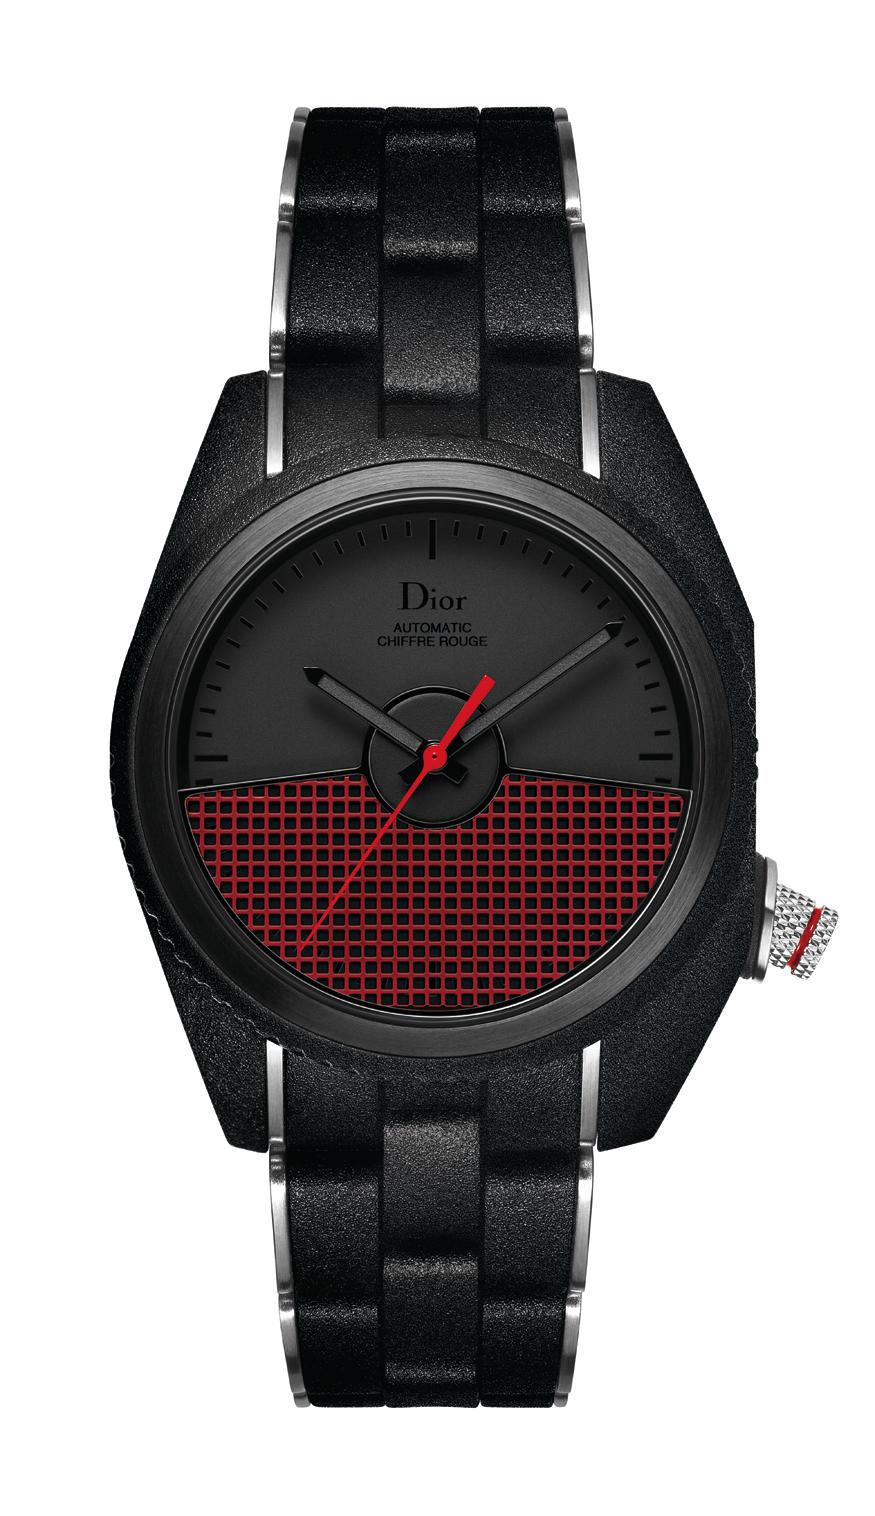 d6c0603f12a Estação Cronográfica  Chegado(s) ao mercado - relógio Dior Chiffre ...